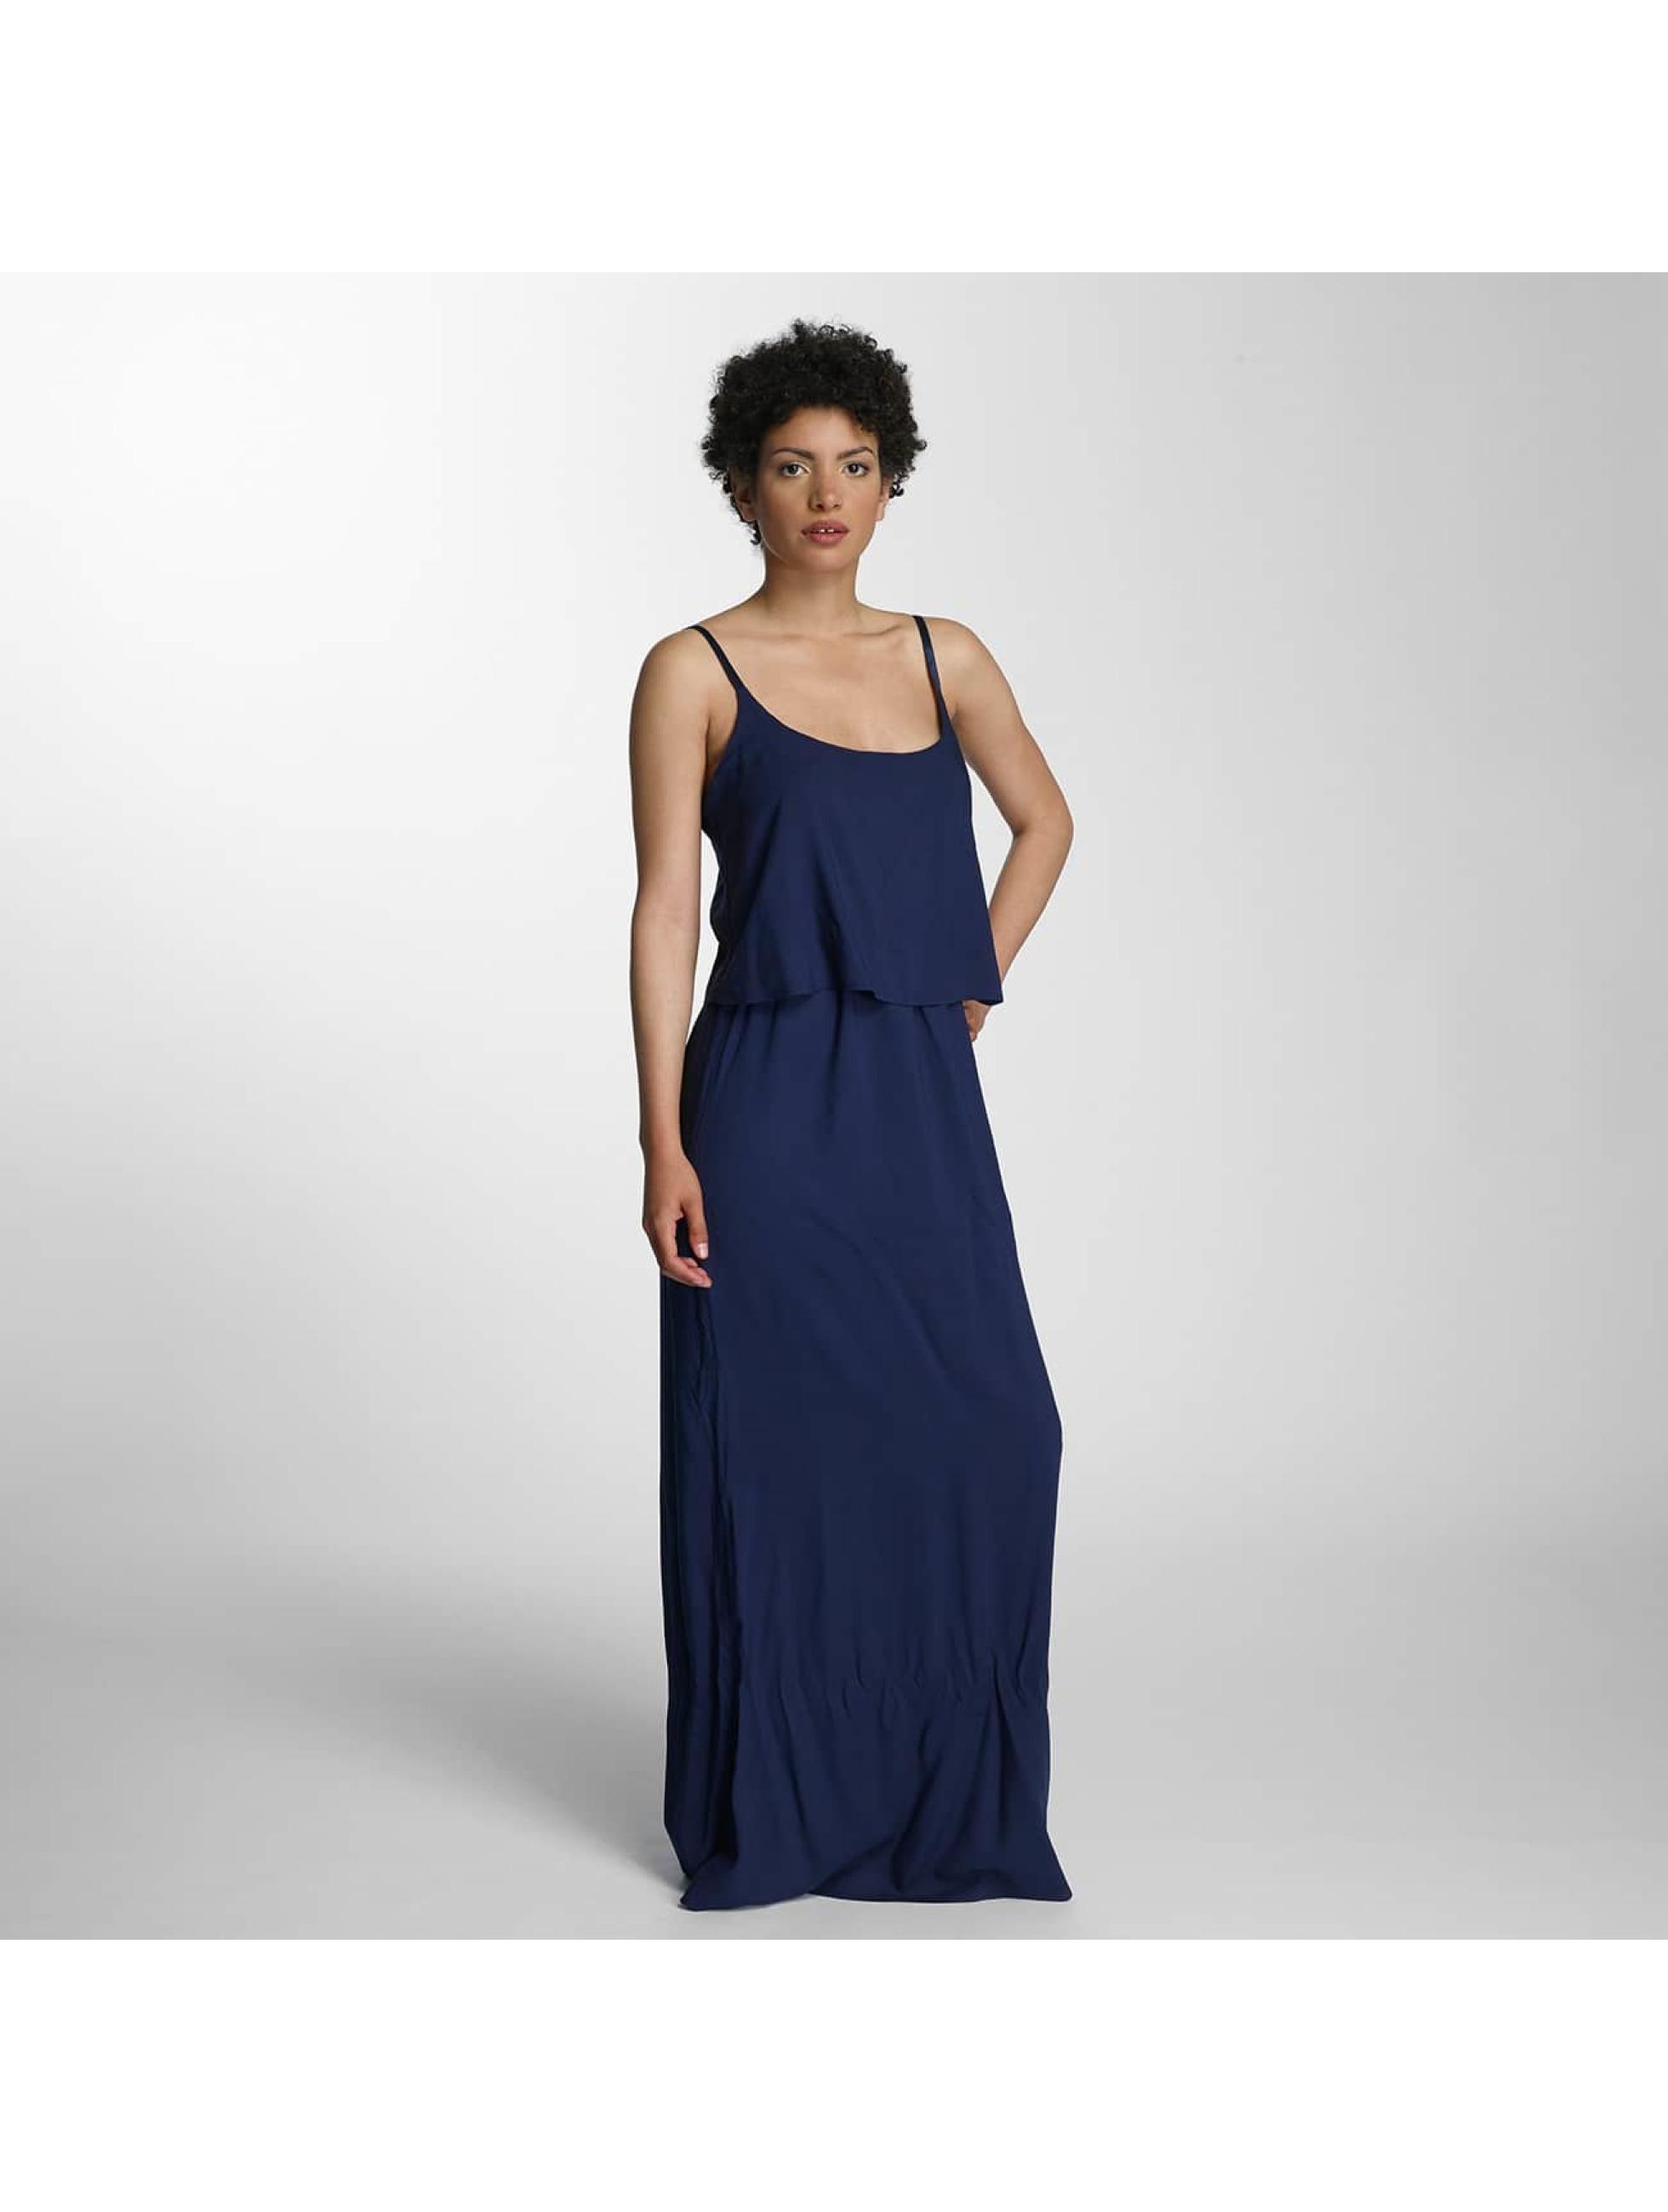 Vero Moda / Robe vmSuper Easy en bleu